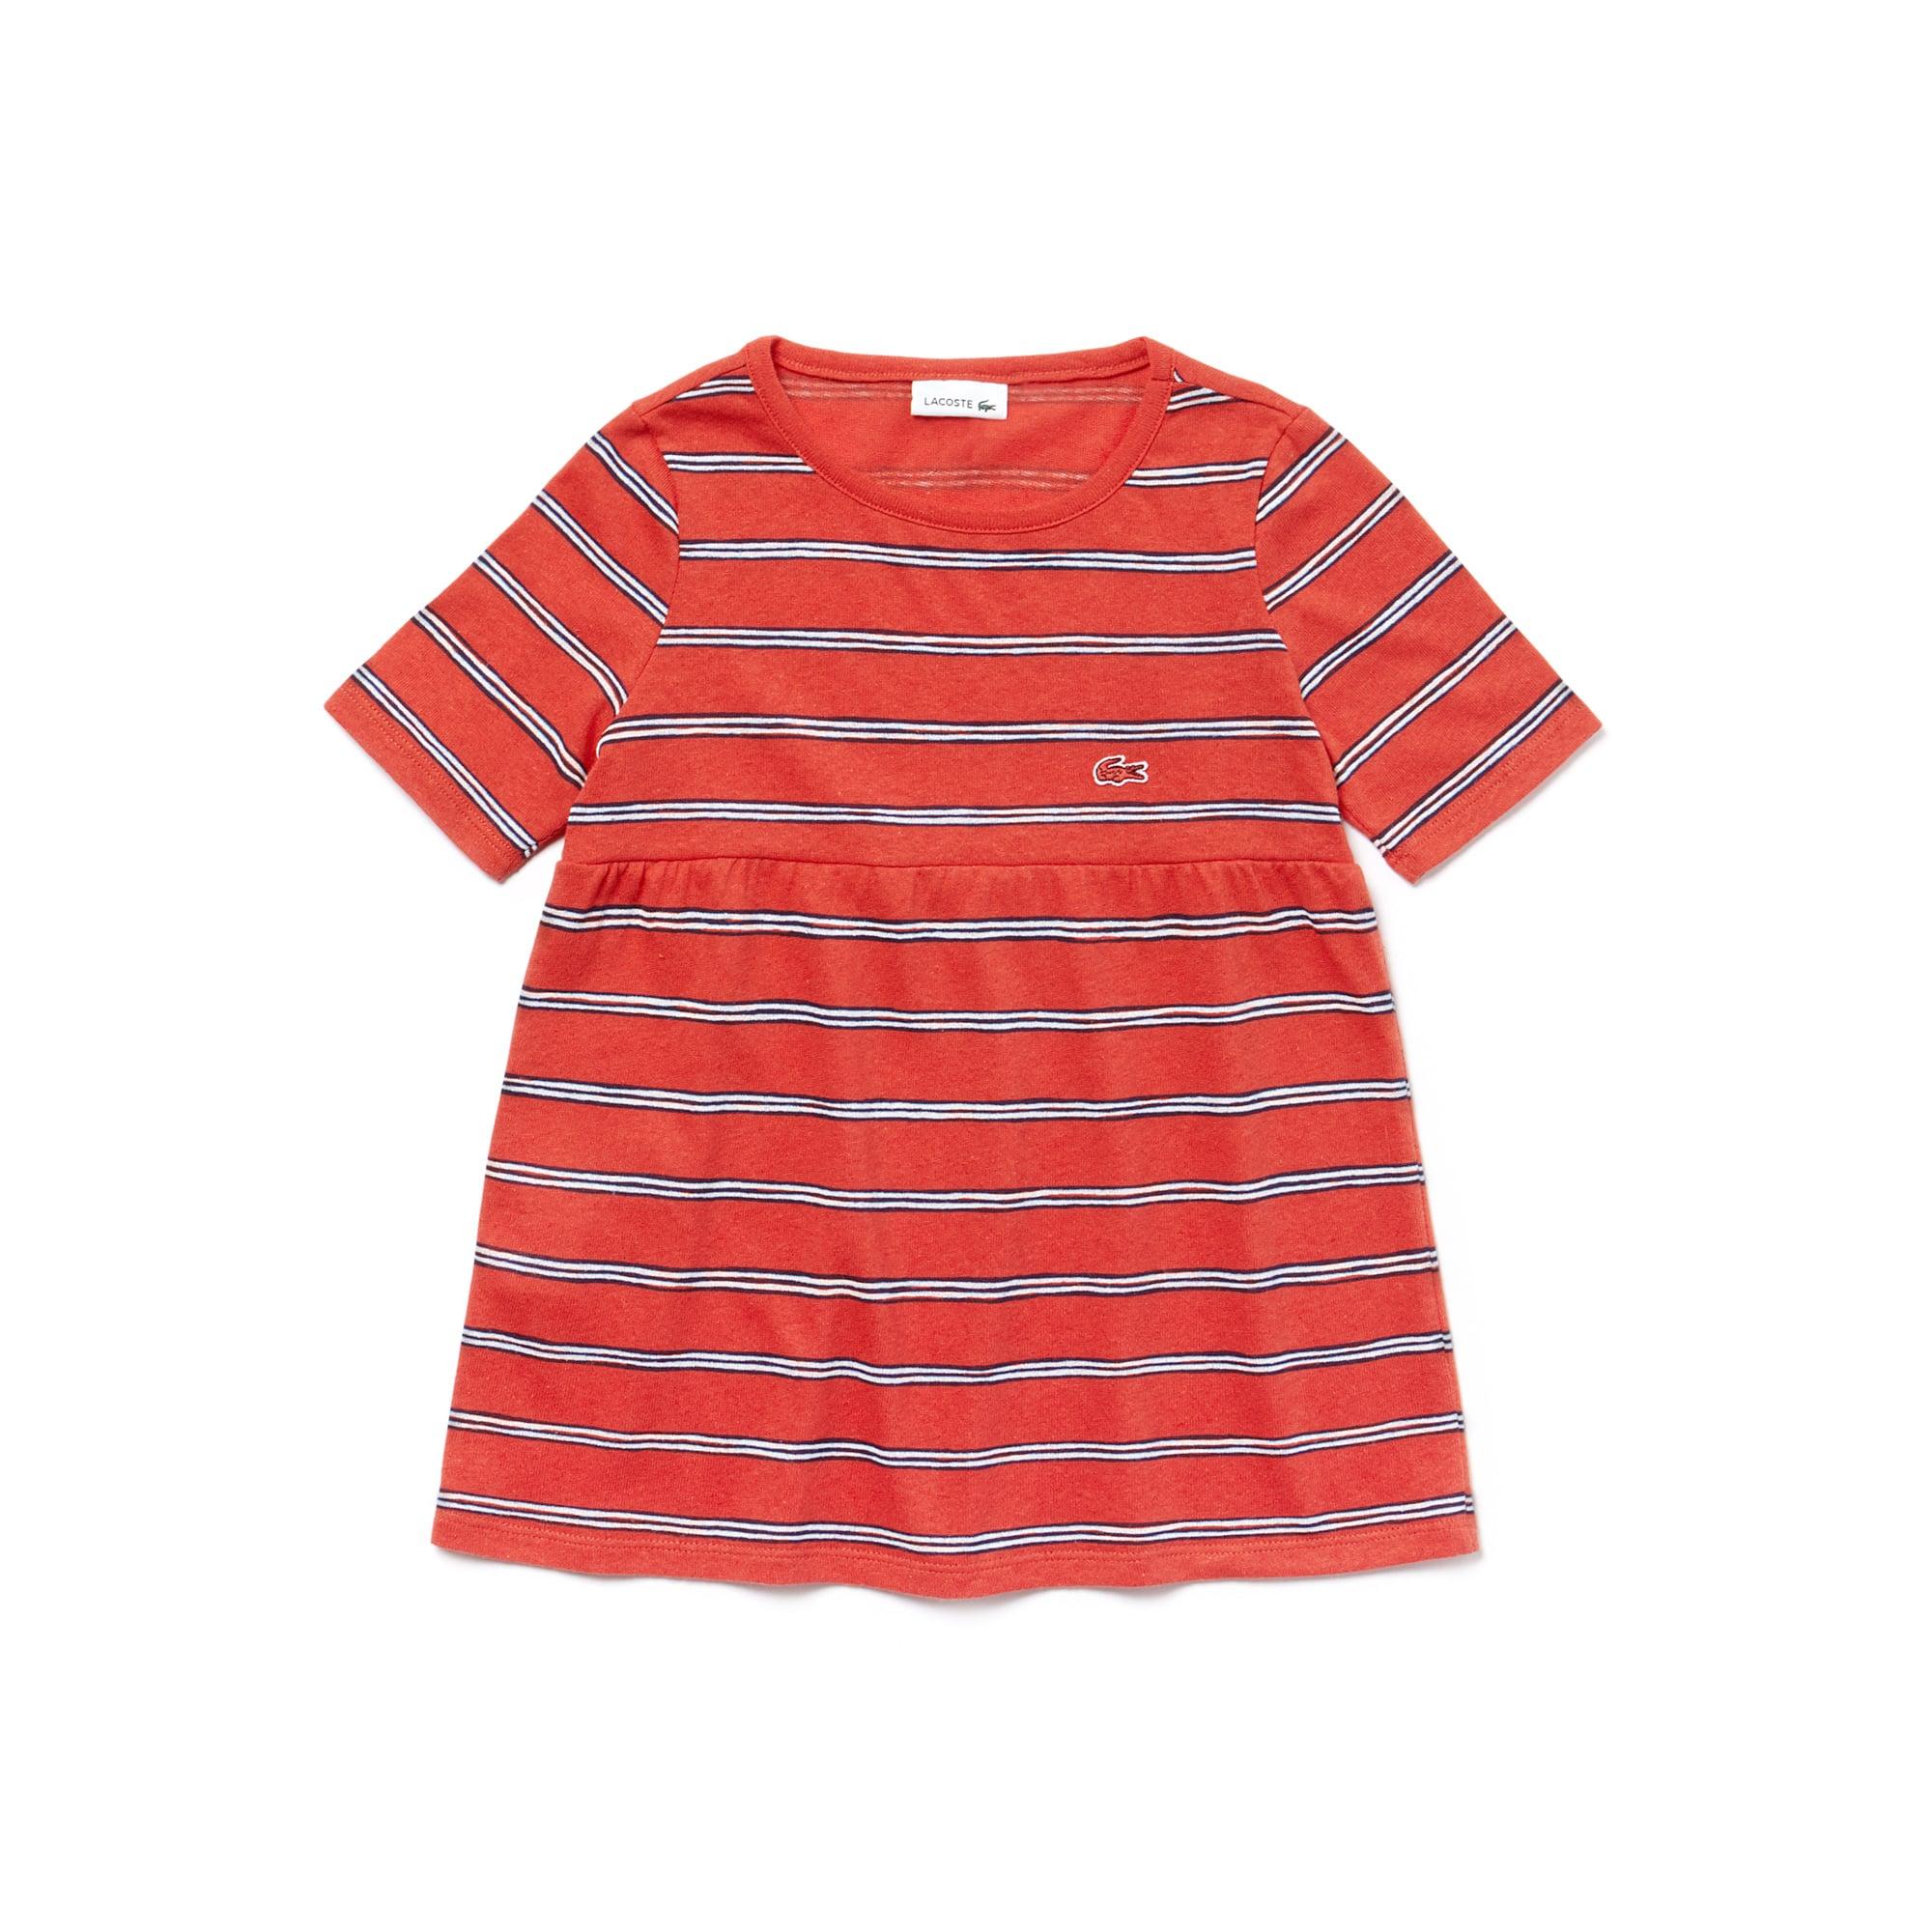 T-shirt Bambina a girocollo in jersey di cotone e lino a righe